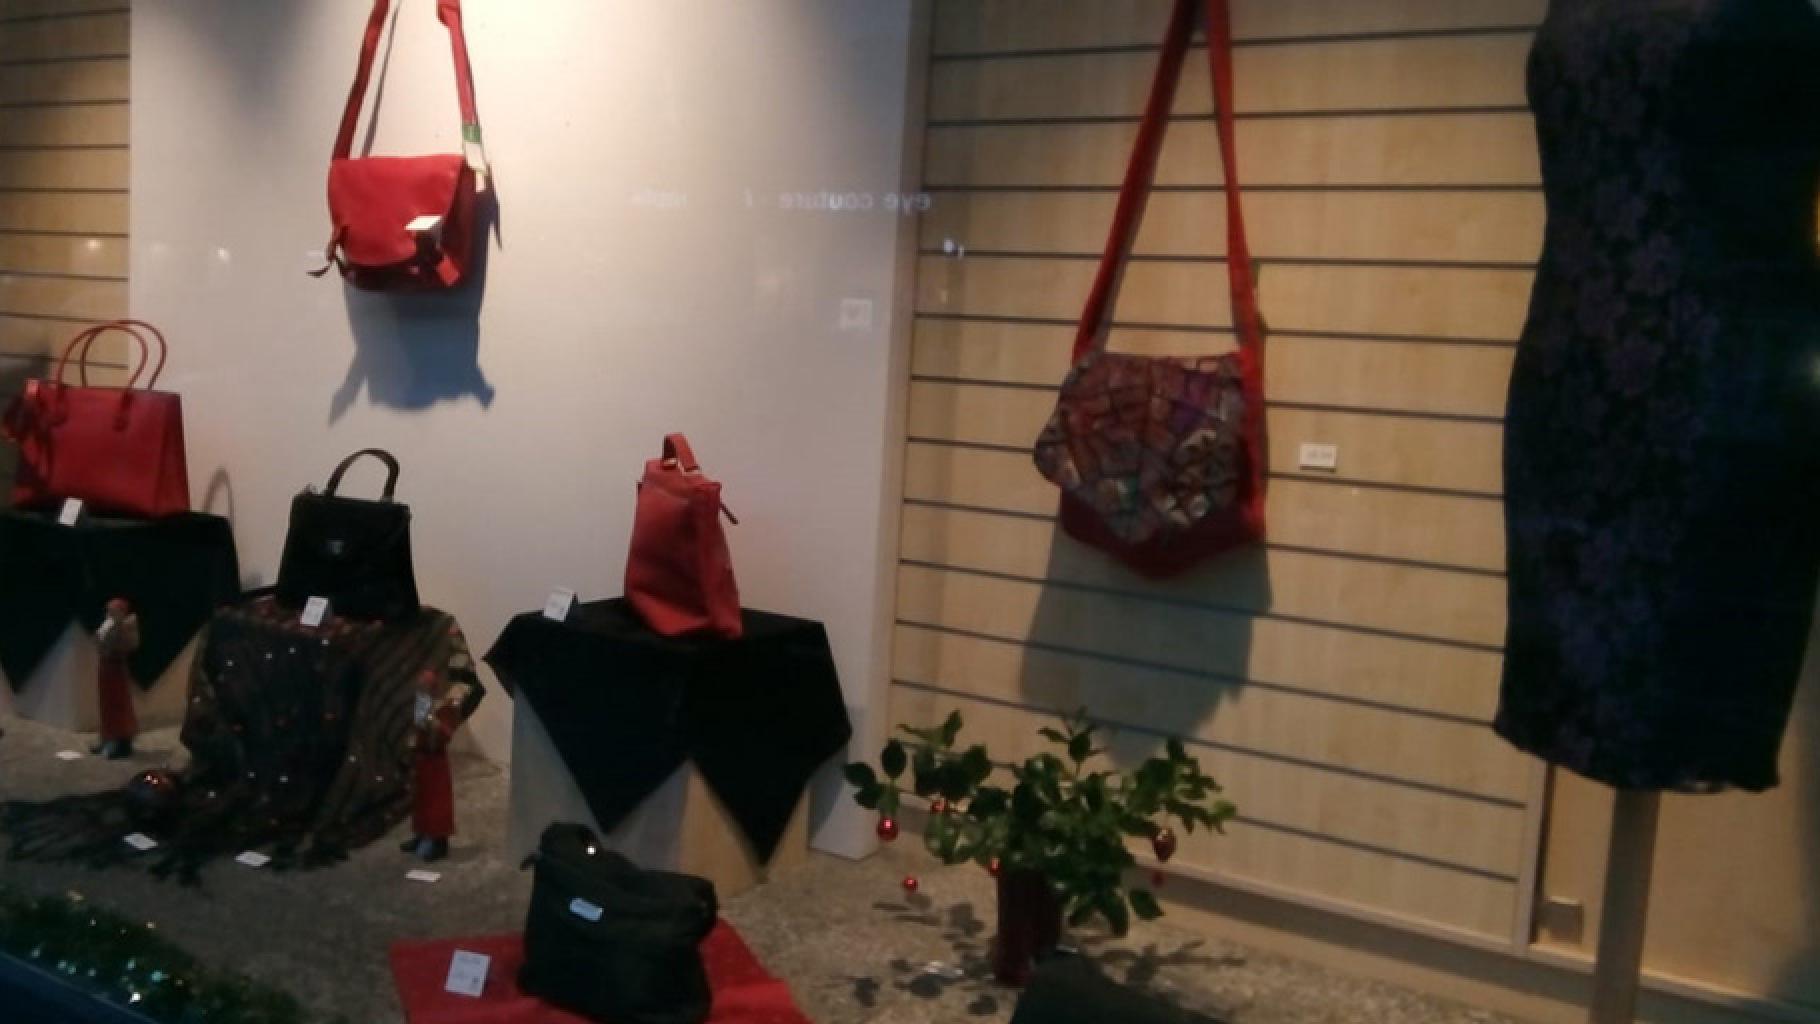 Oxfam Shop Berlin-Schöneberg: Schaufensterverkauf am 17. Dezember 2018 Weihnachtssachen